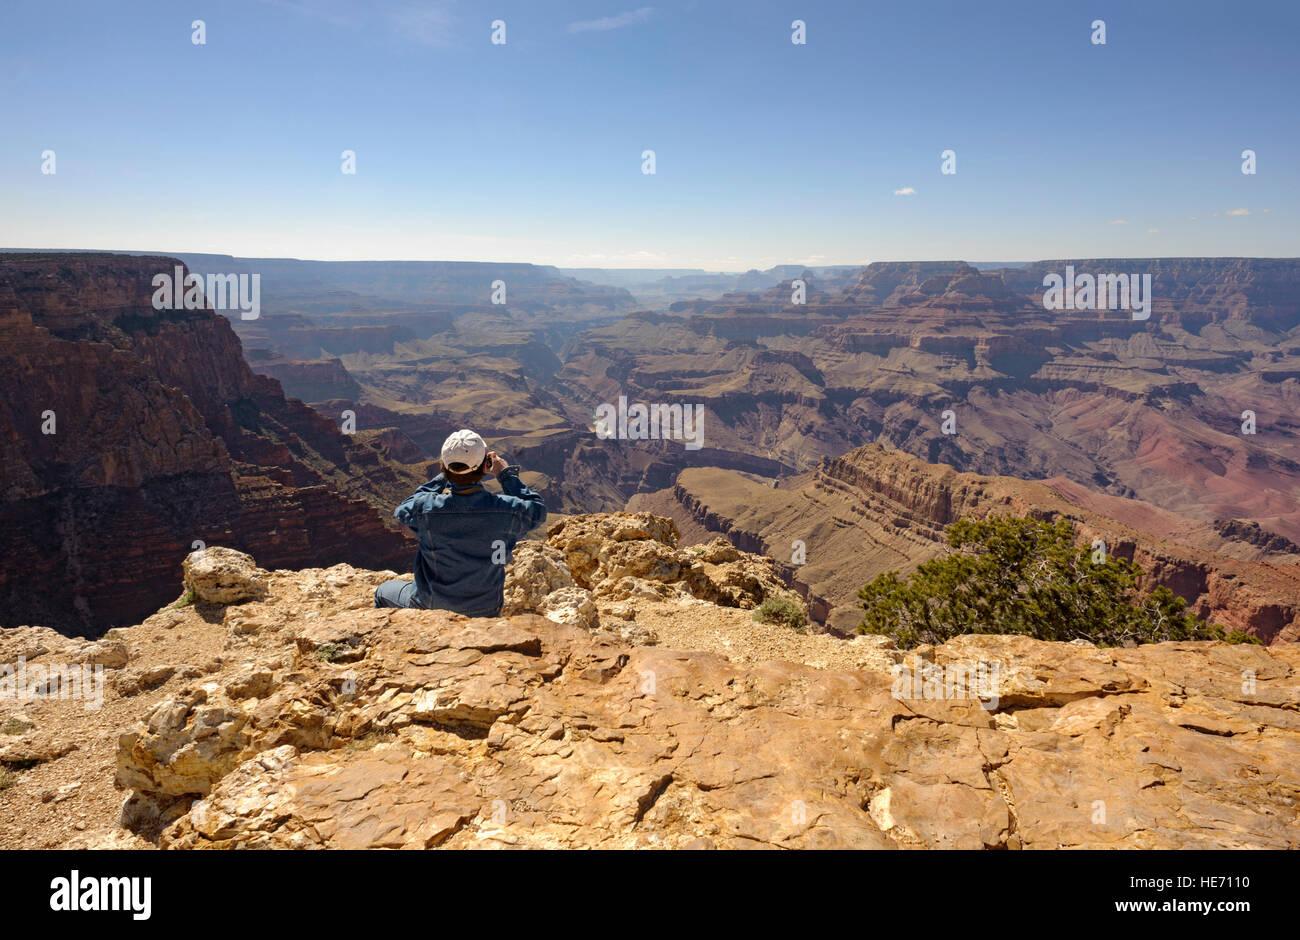 Viajes de aventura al hombre en el borde del borde sur del Gran Cañón Pipe Creek Vista tomando fotos, Imagen De Stock